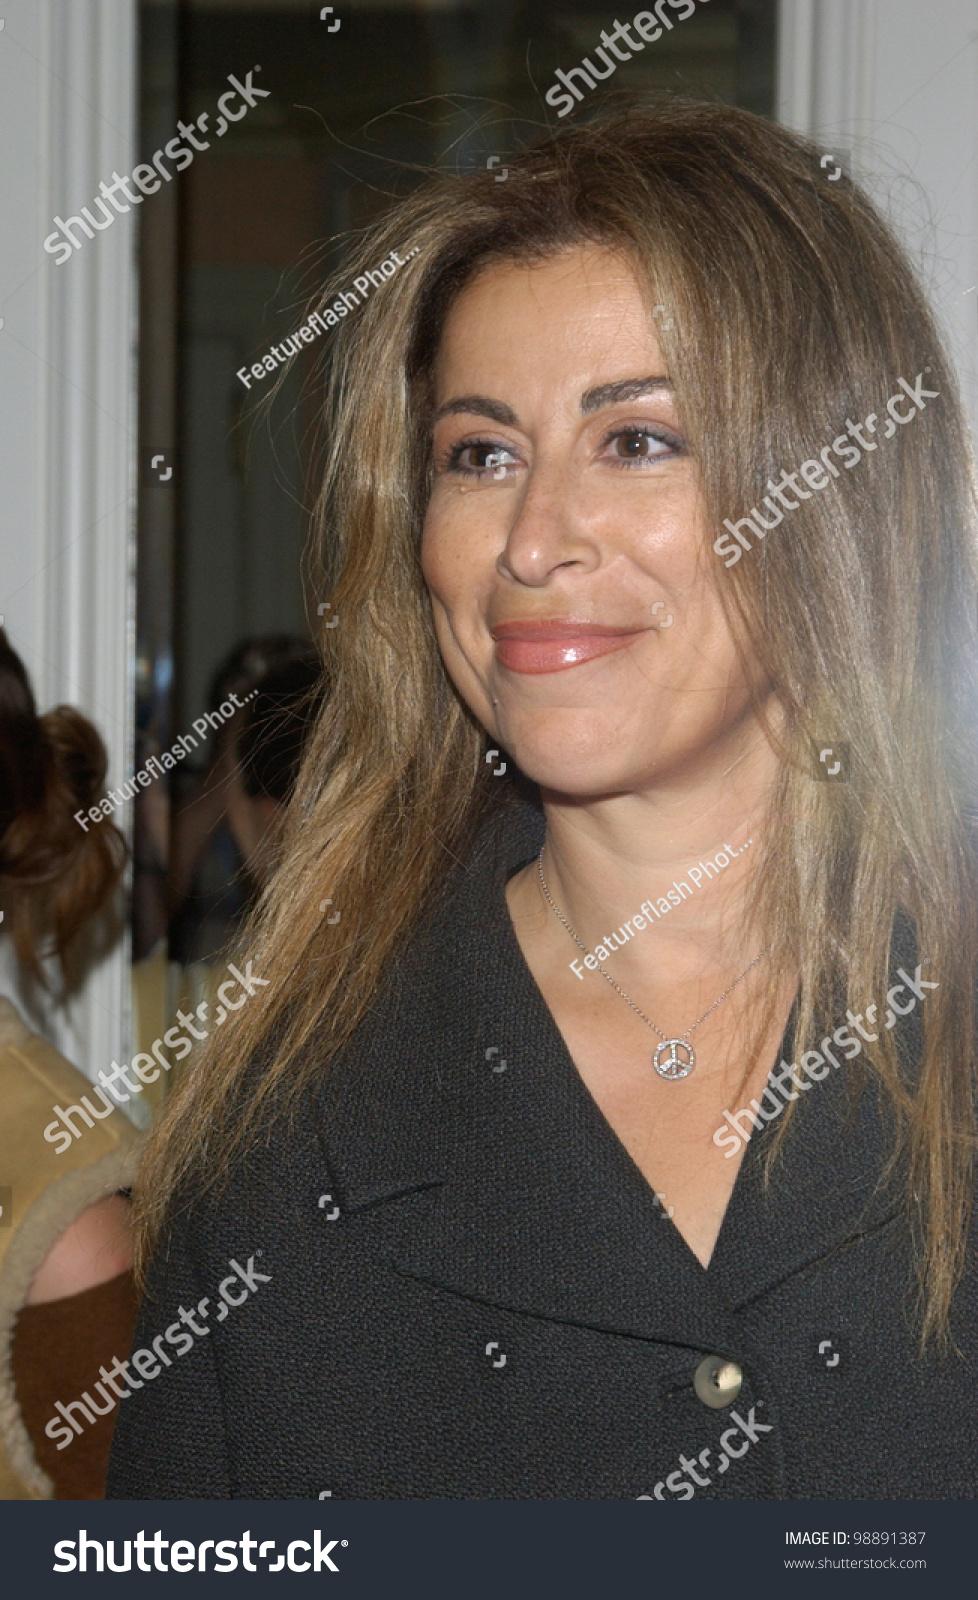 Beverly Hills (actress) Beverly Hills (actress) new foto